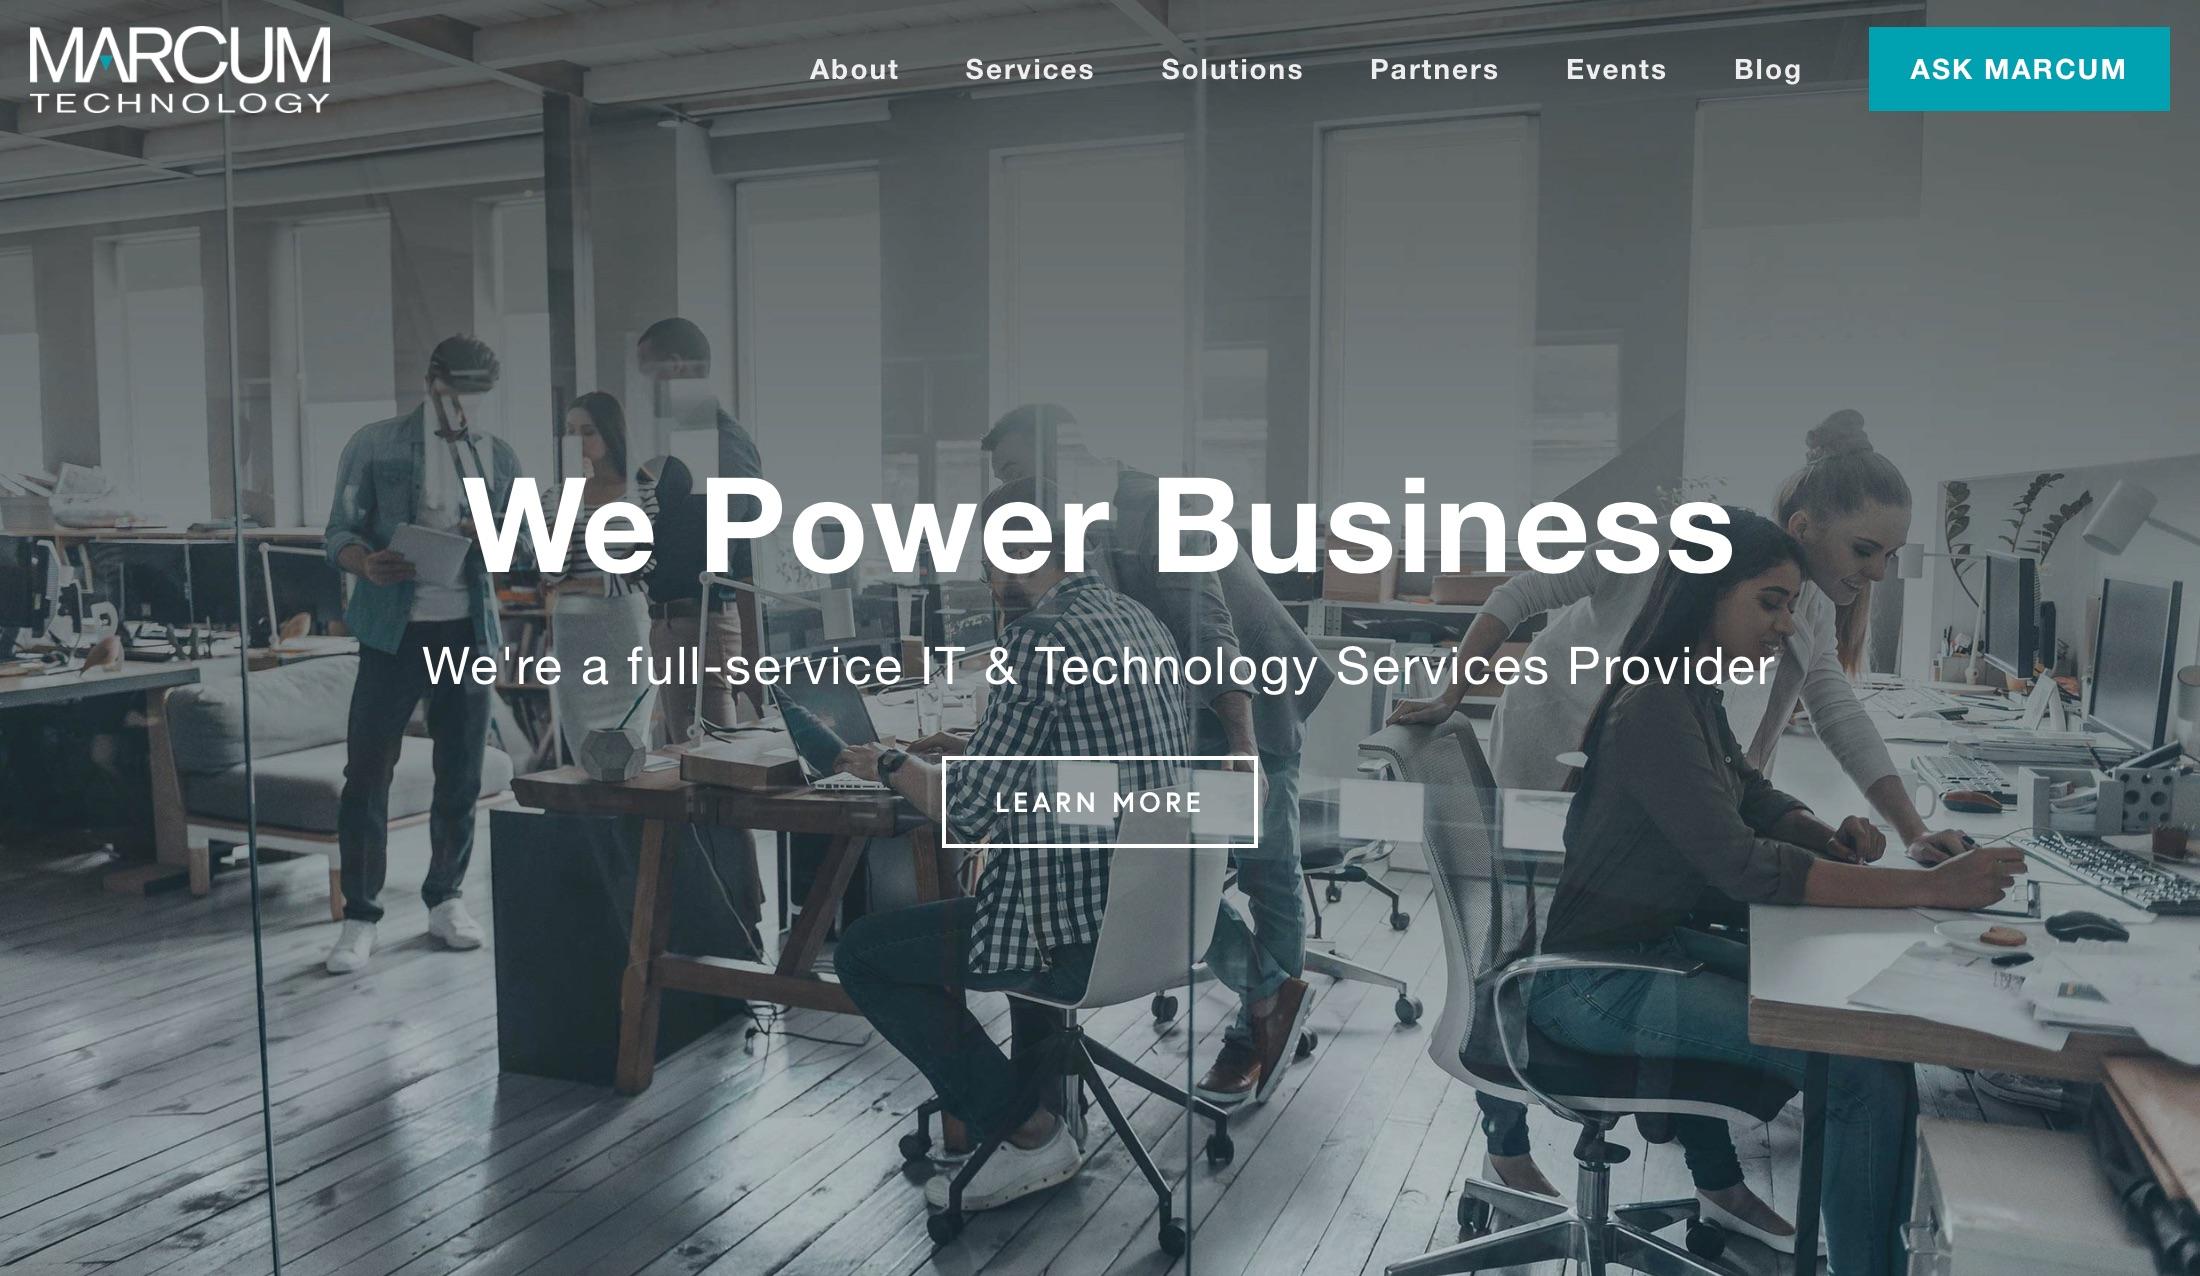 New Marcum Technology Website